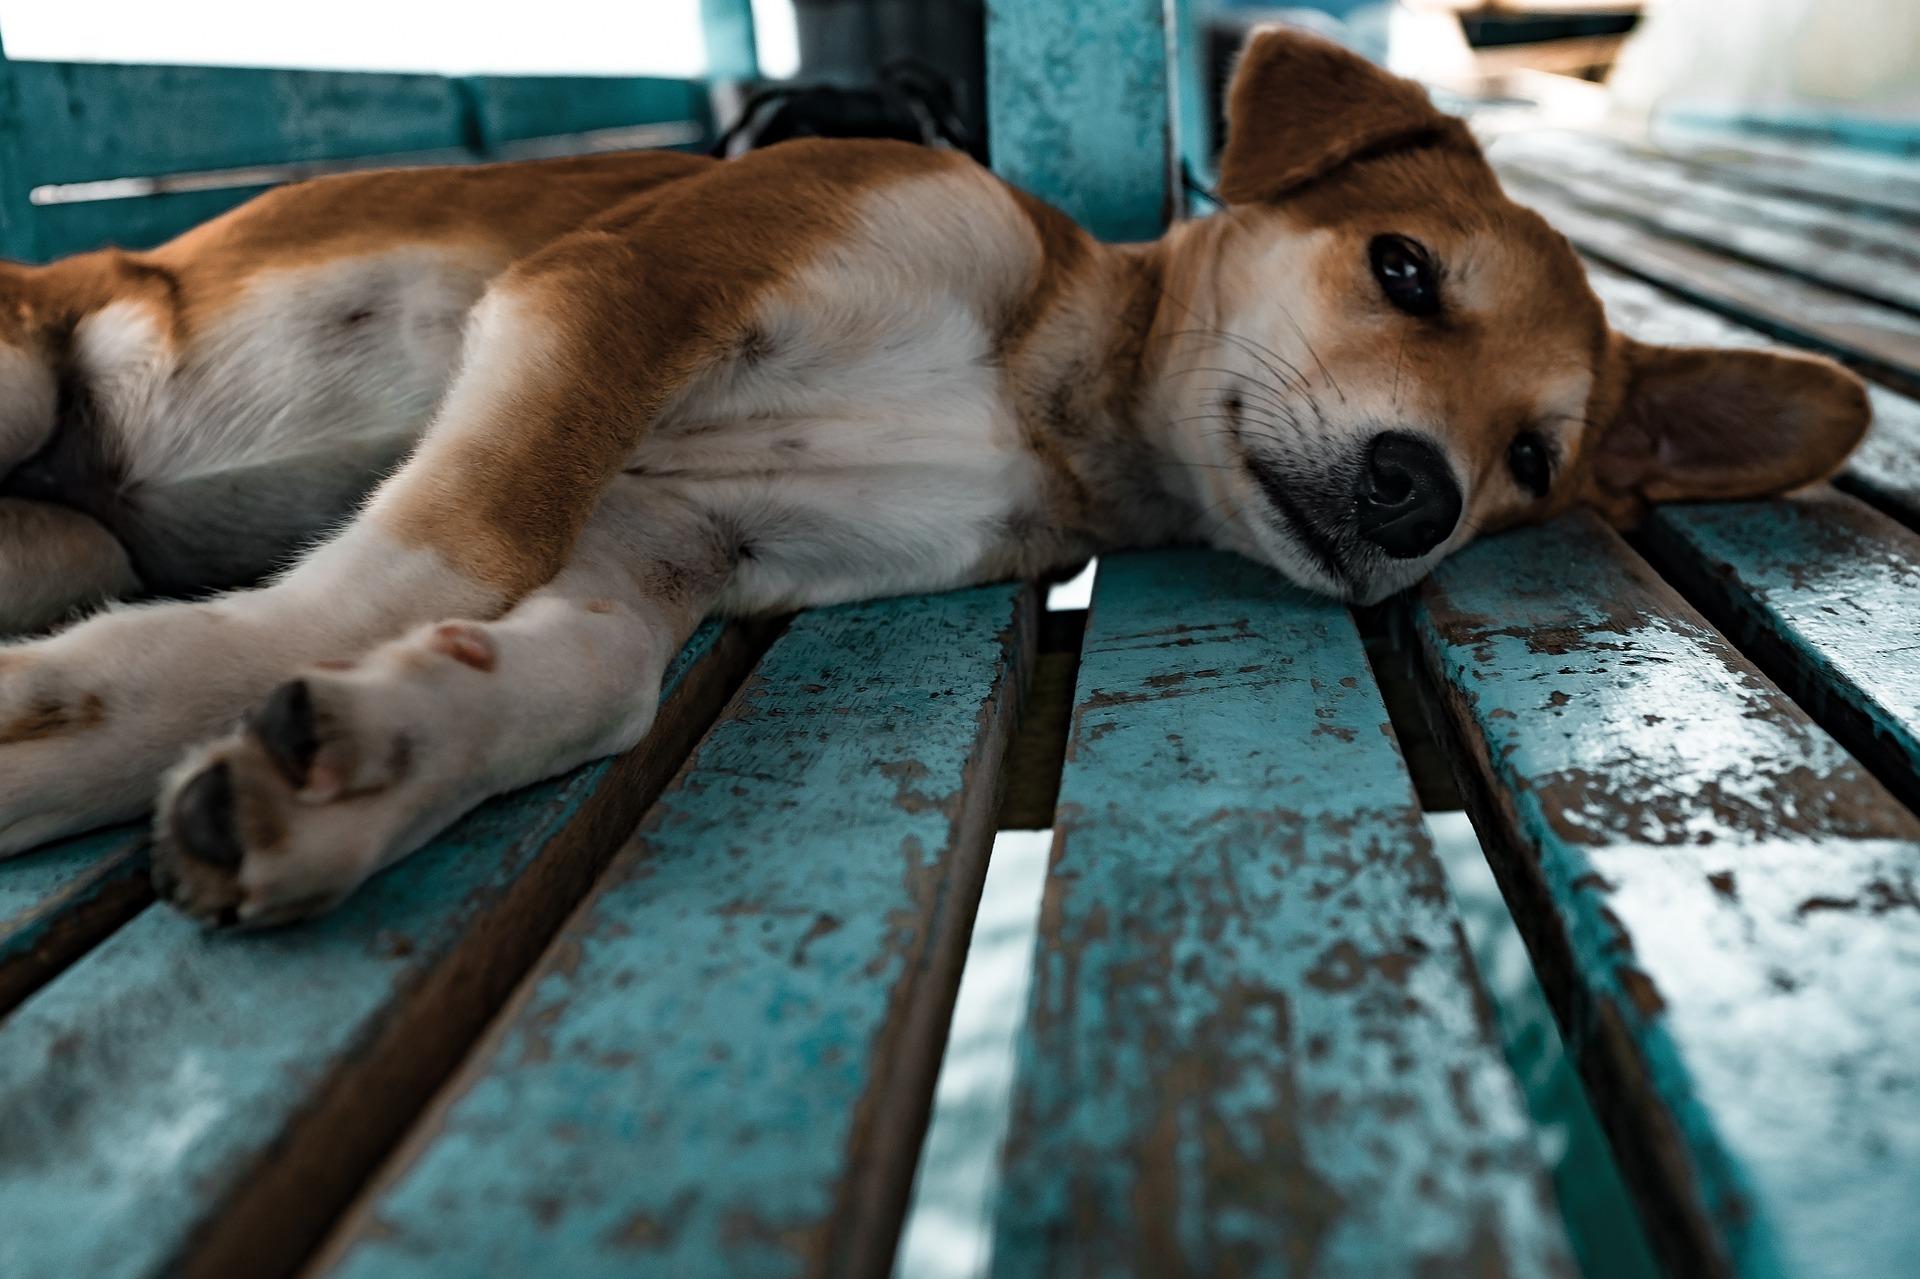 Petit chien - conciergerie animale bordelaise Cyclo Pet's-visites et promenades